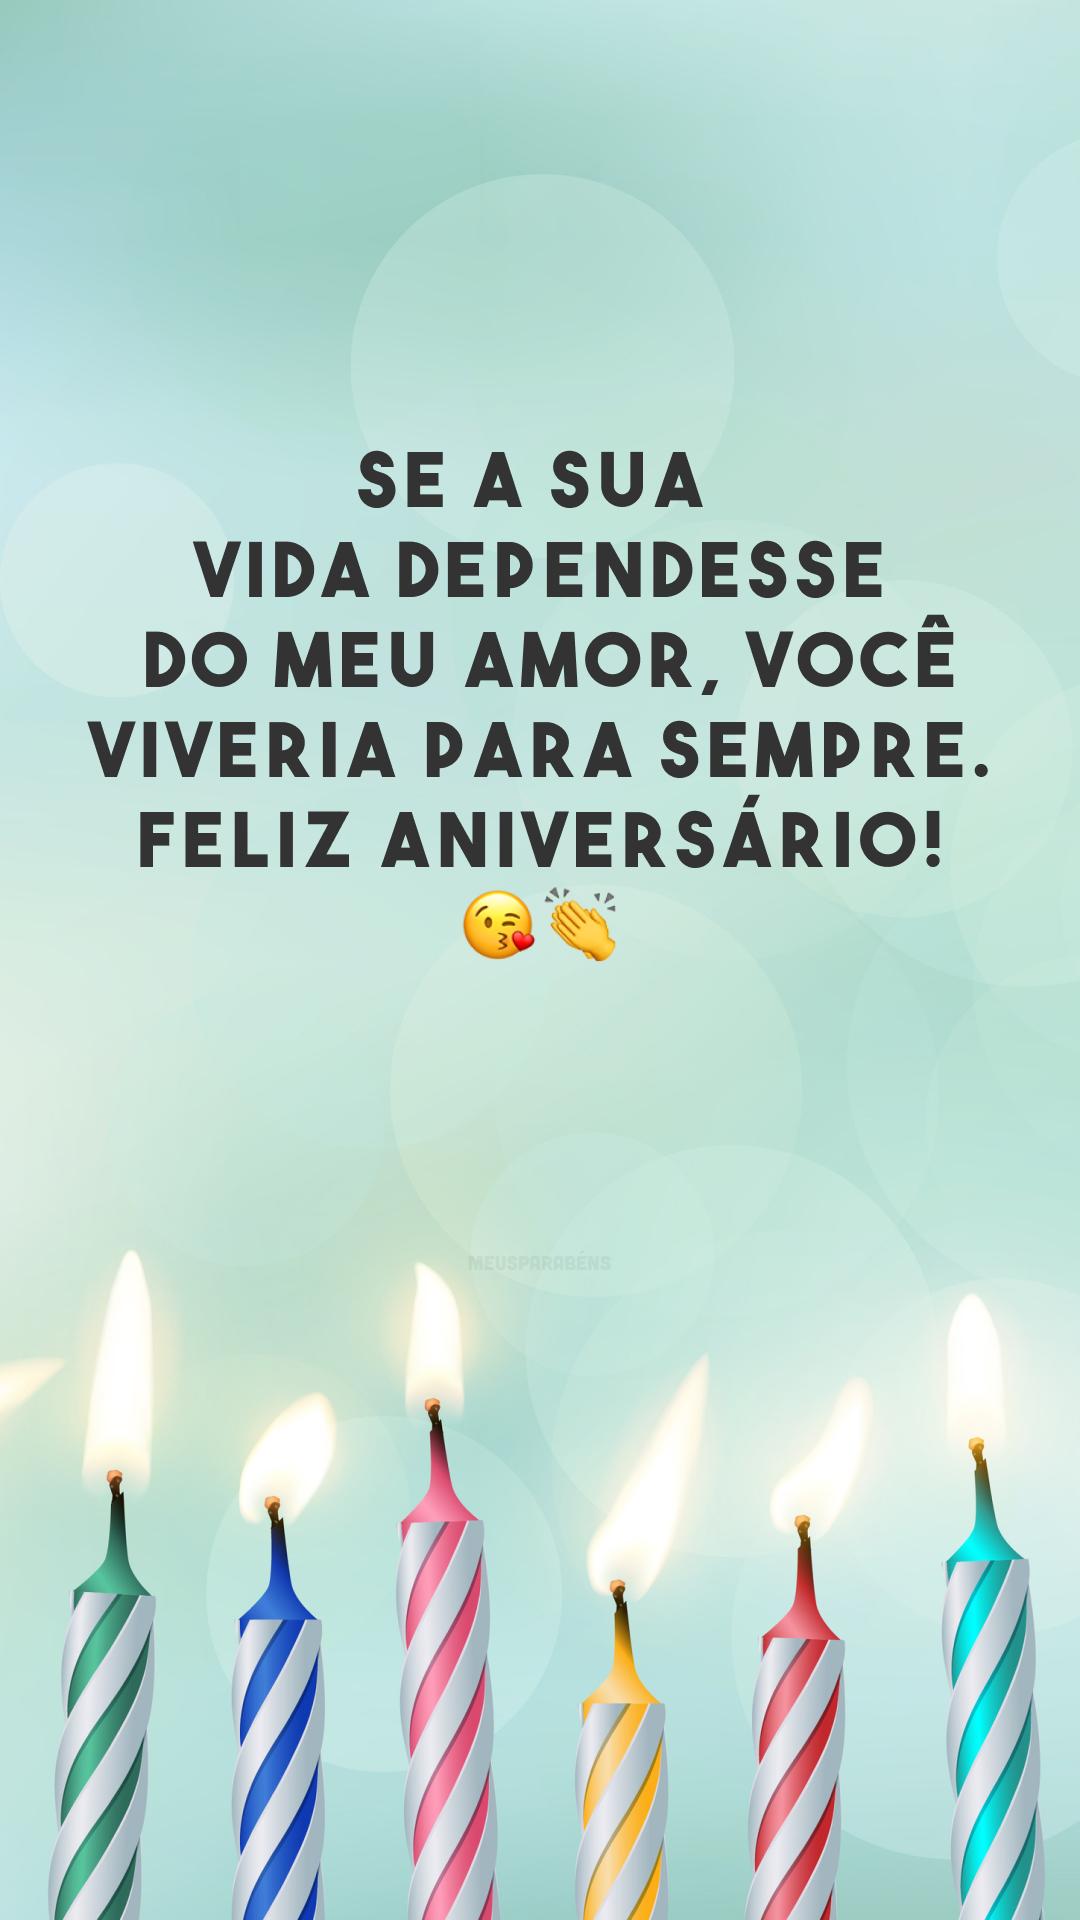 Se a sua vida dependesse do meu amor, você viveria para sempre. Feliz aniversário! 😘👏